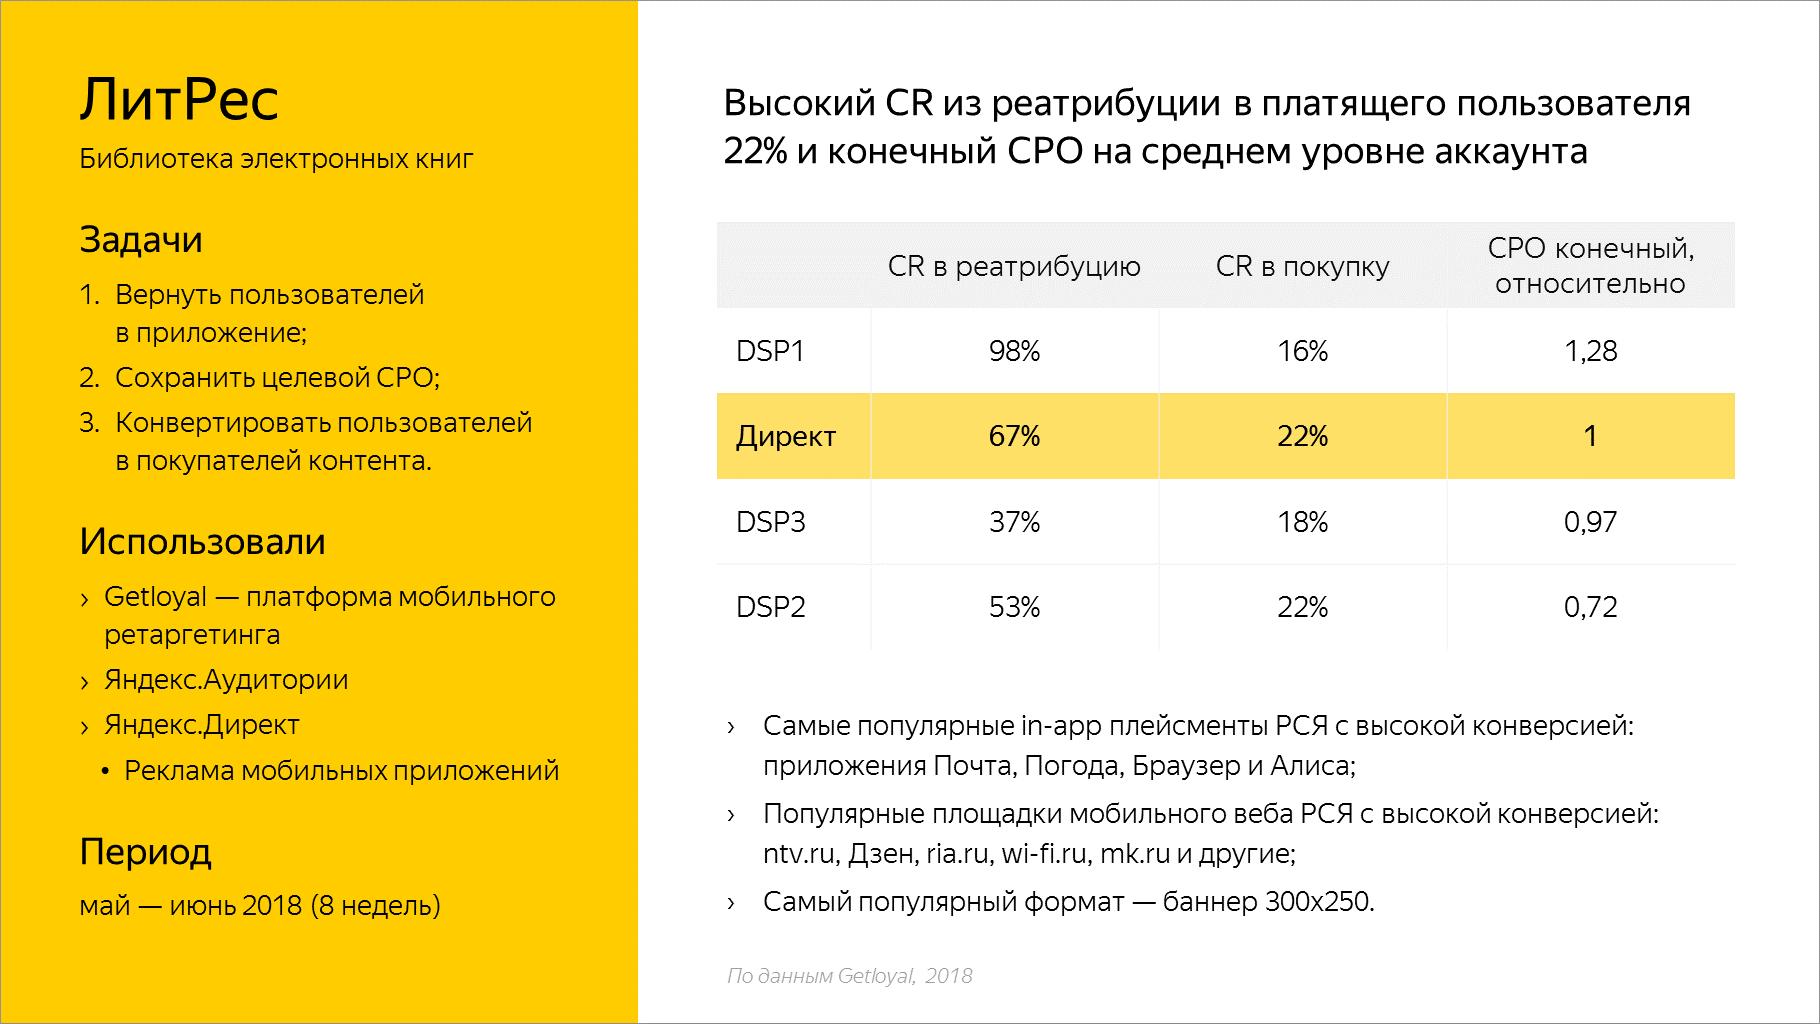 Высокий CR из реатрибуции в платящего пользователя 22% и конечный CPO на среднем уровне аккаунта